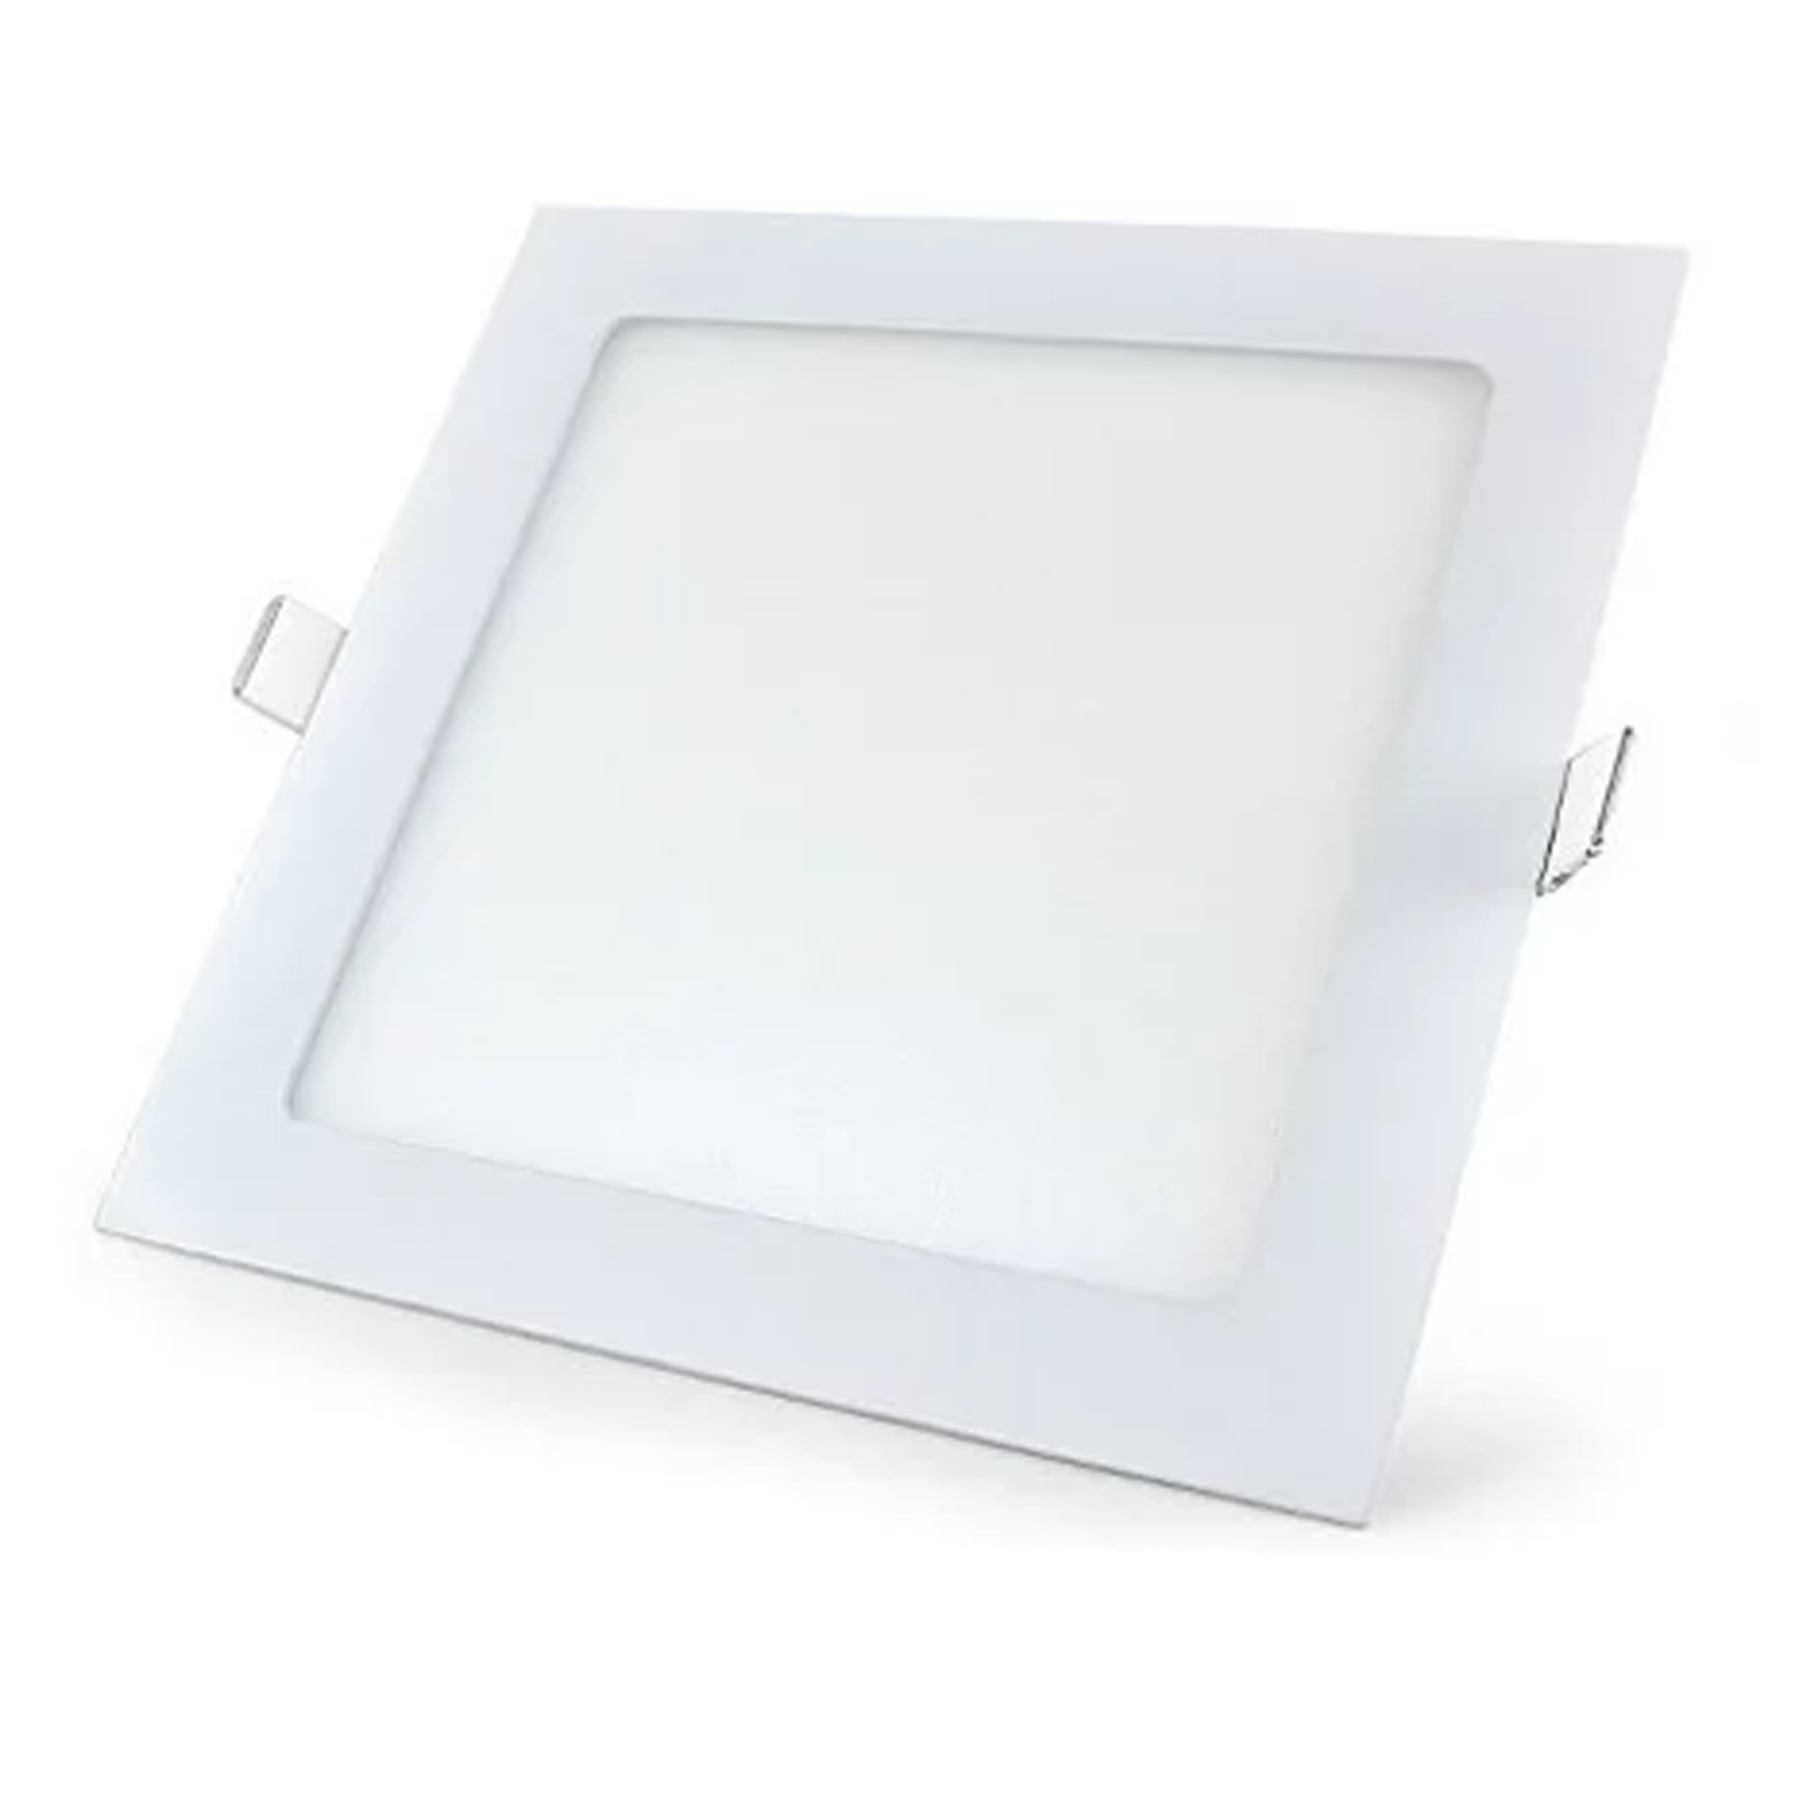 Plafon LED Embutir 12W Quadrado / Branco Frio